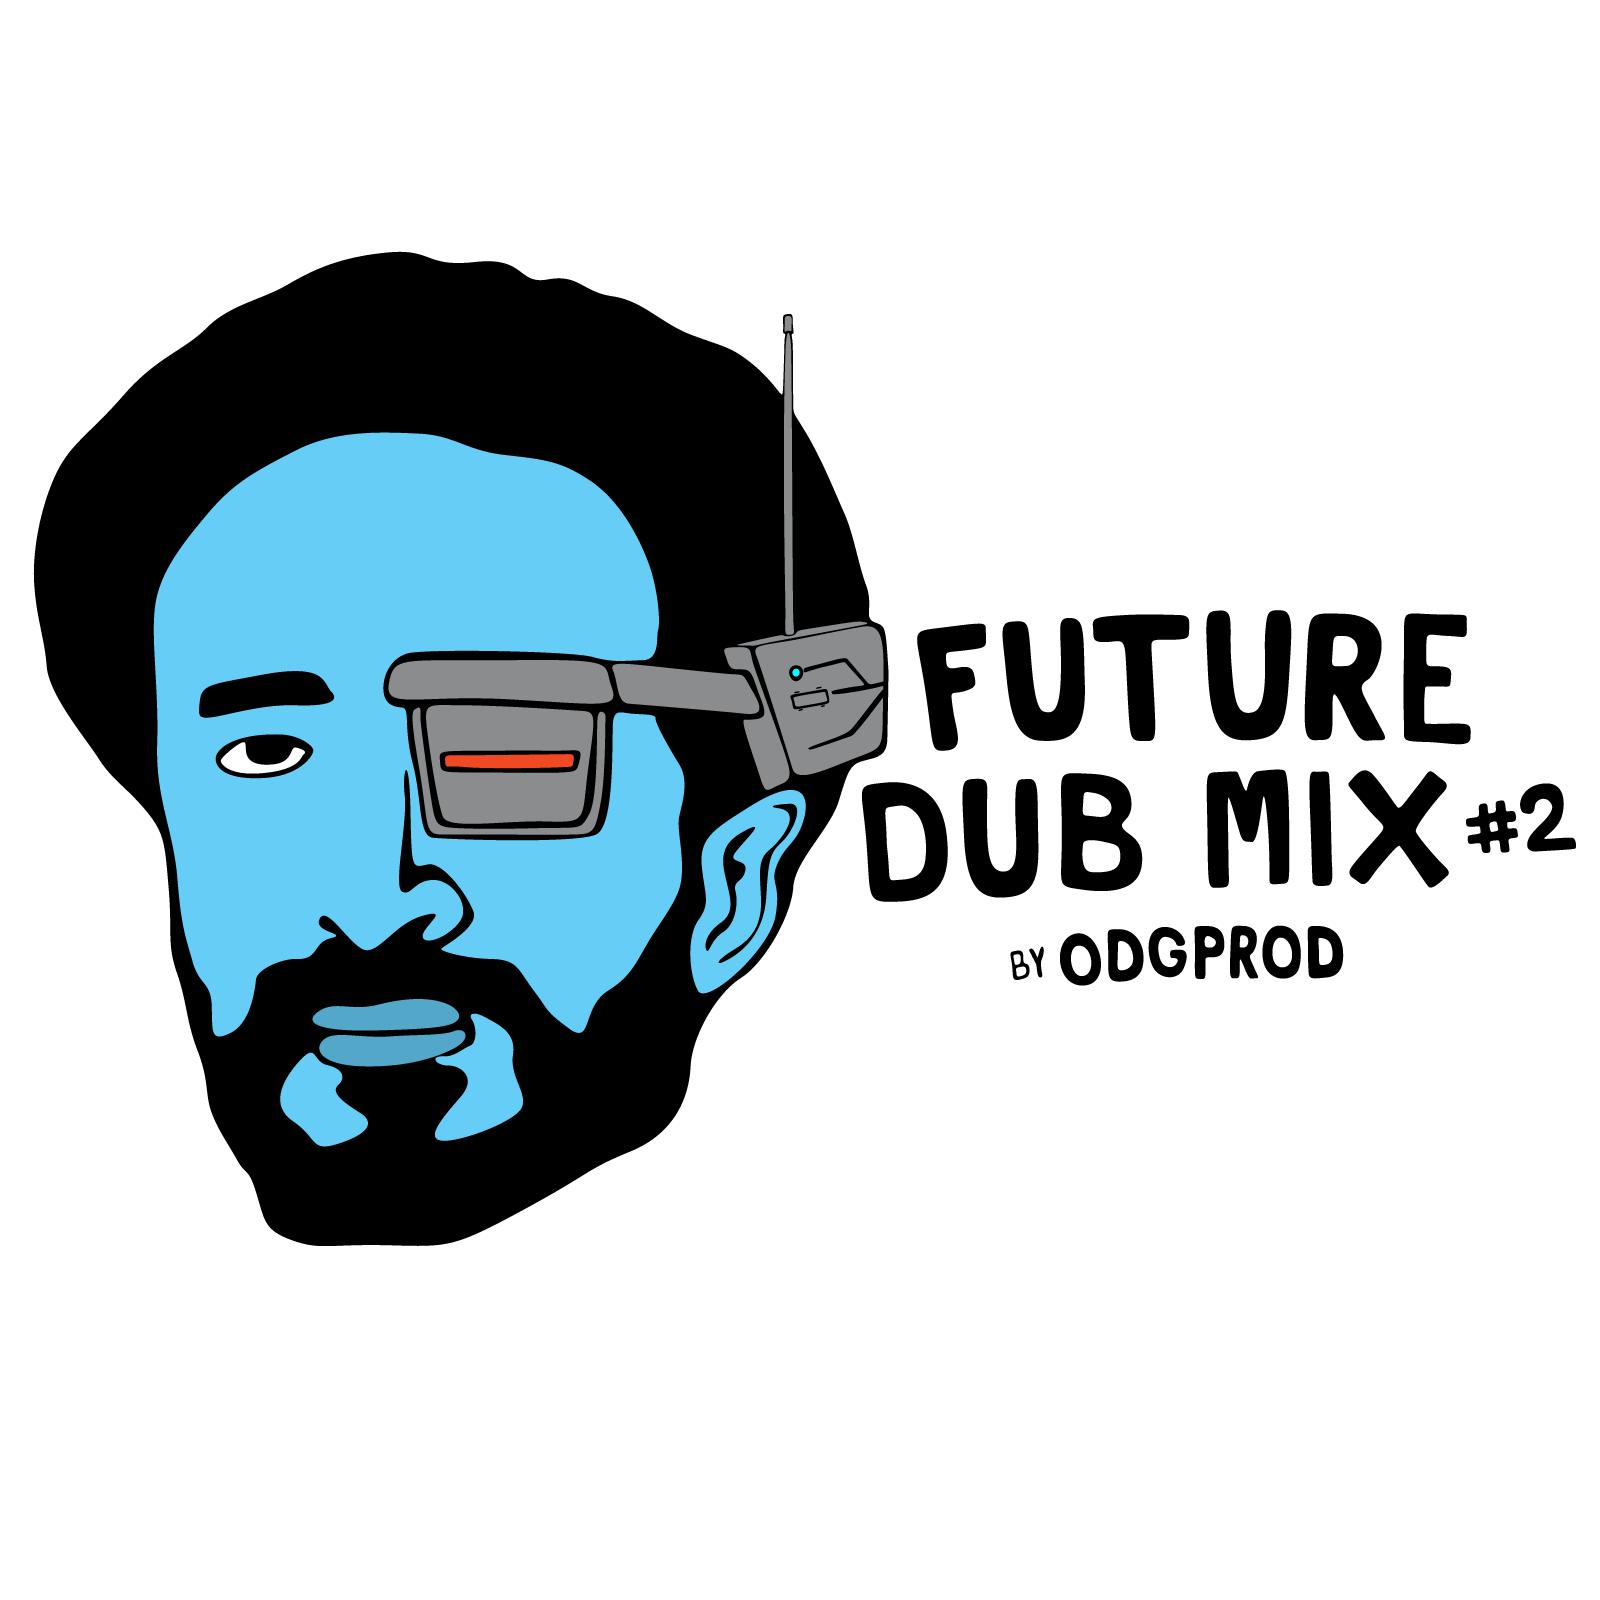 futuredubmix2